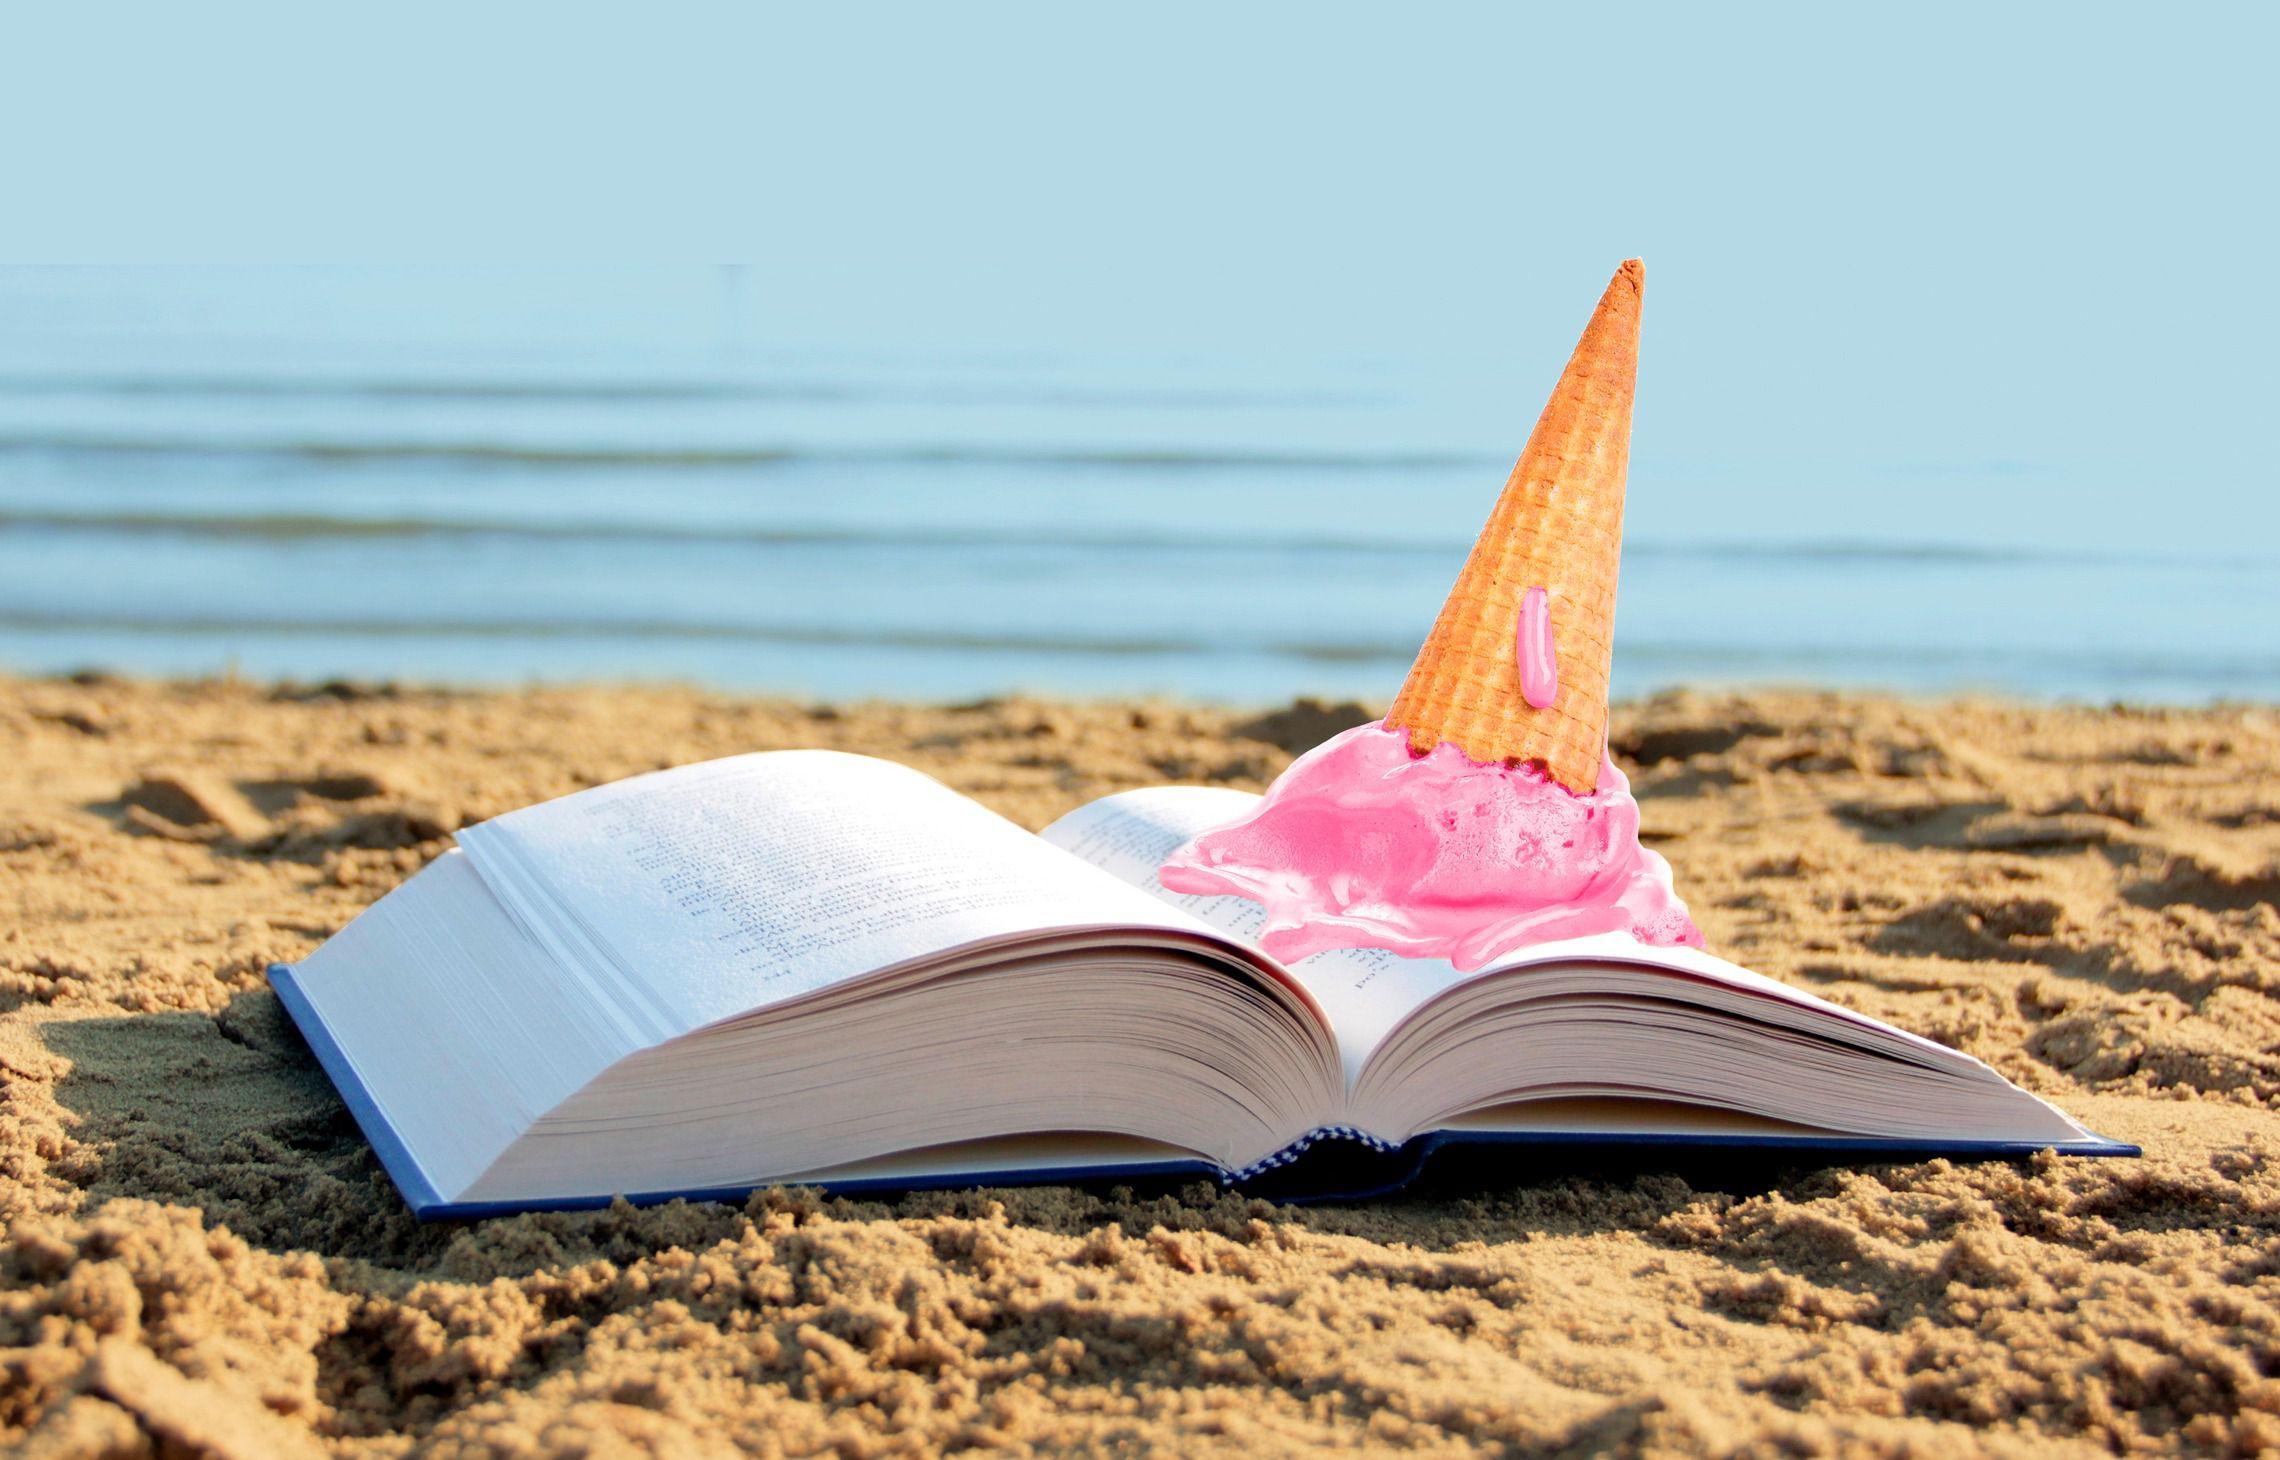 Výsledek obrázku pro summer and book